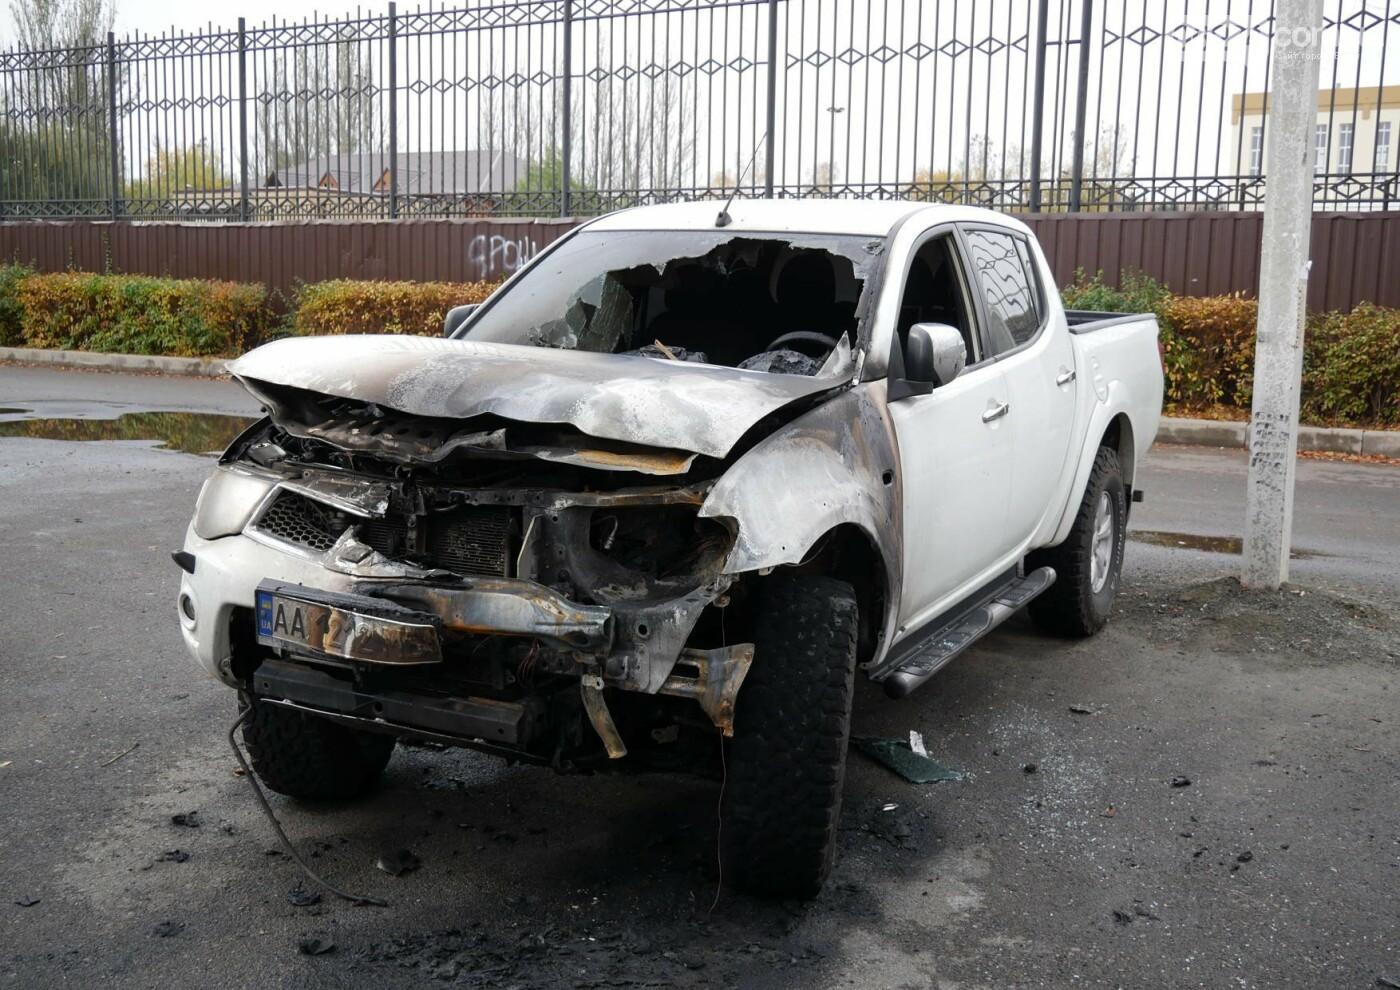 В центре Бахмута в субботу ночью горел автомобиль, фото-2